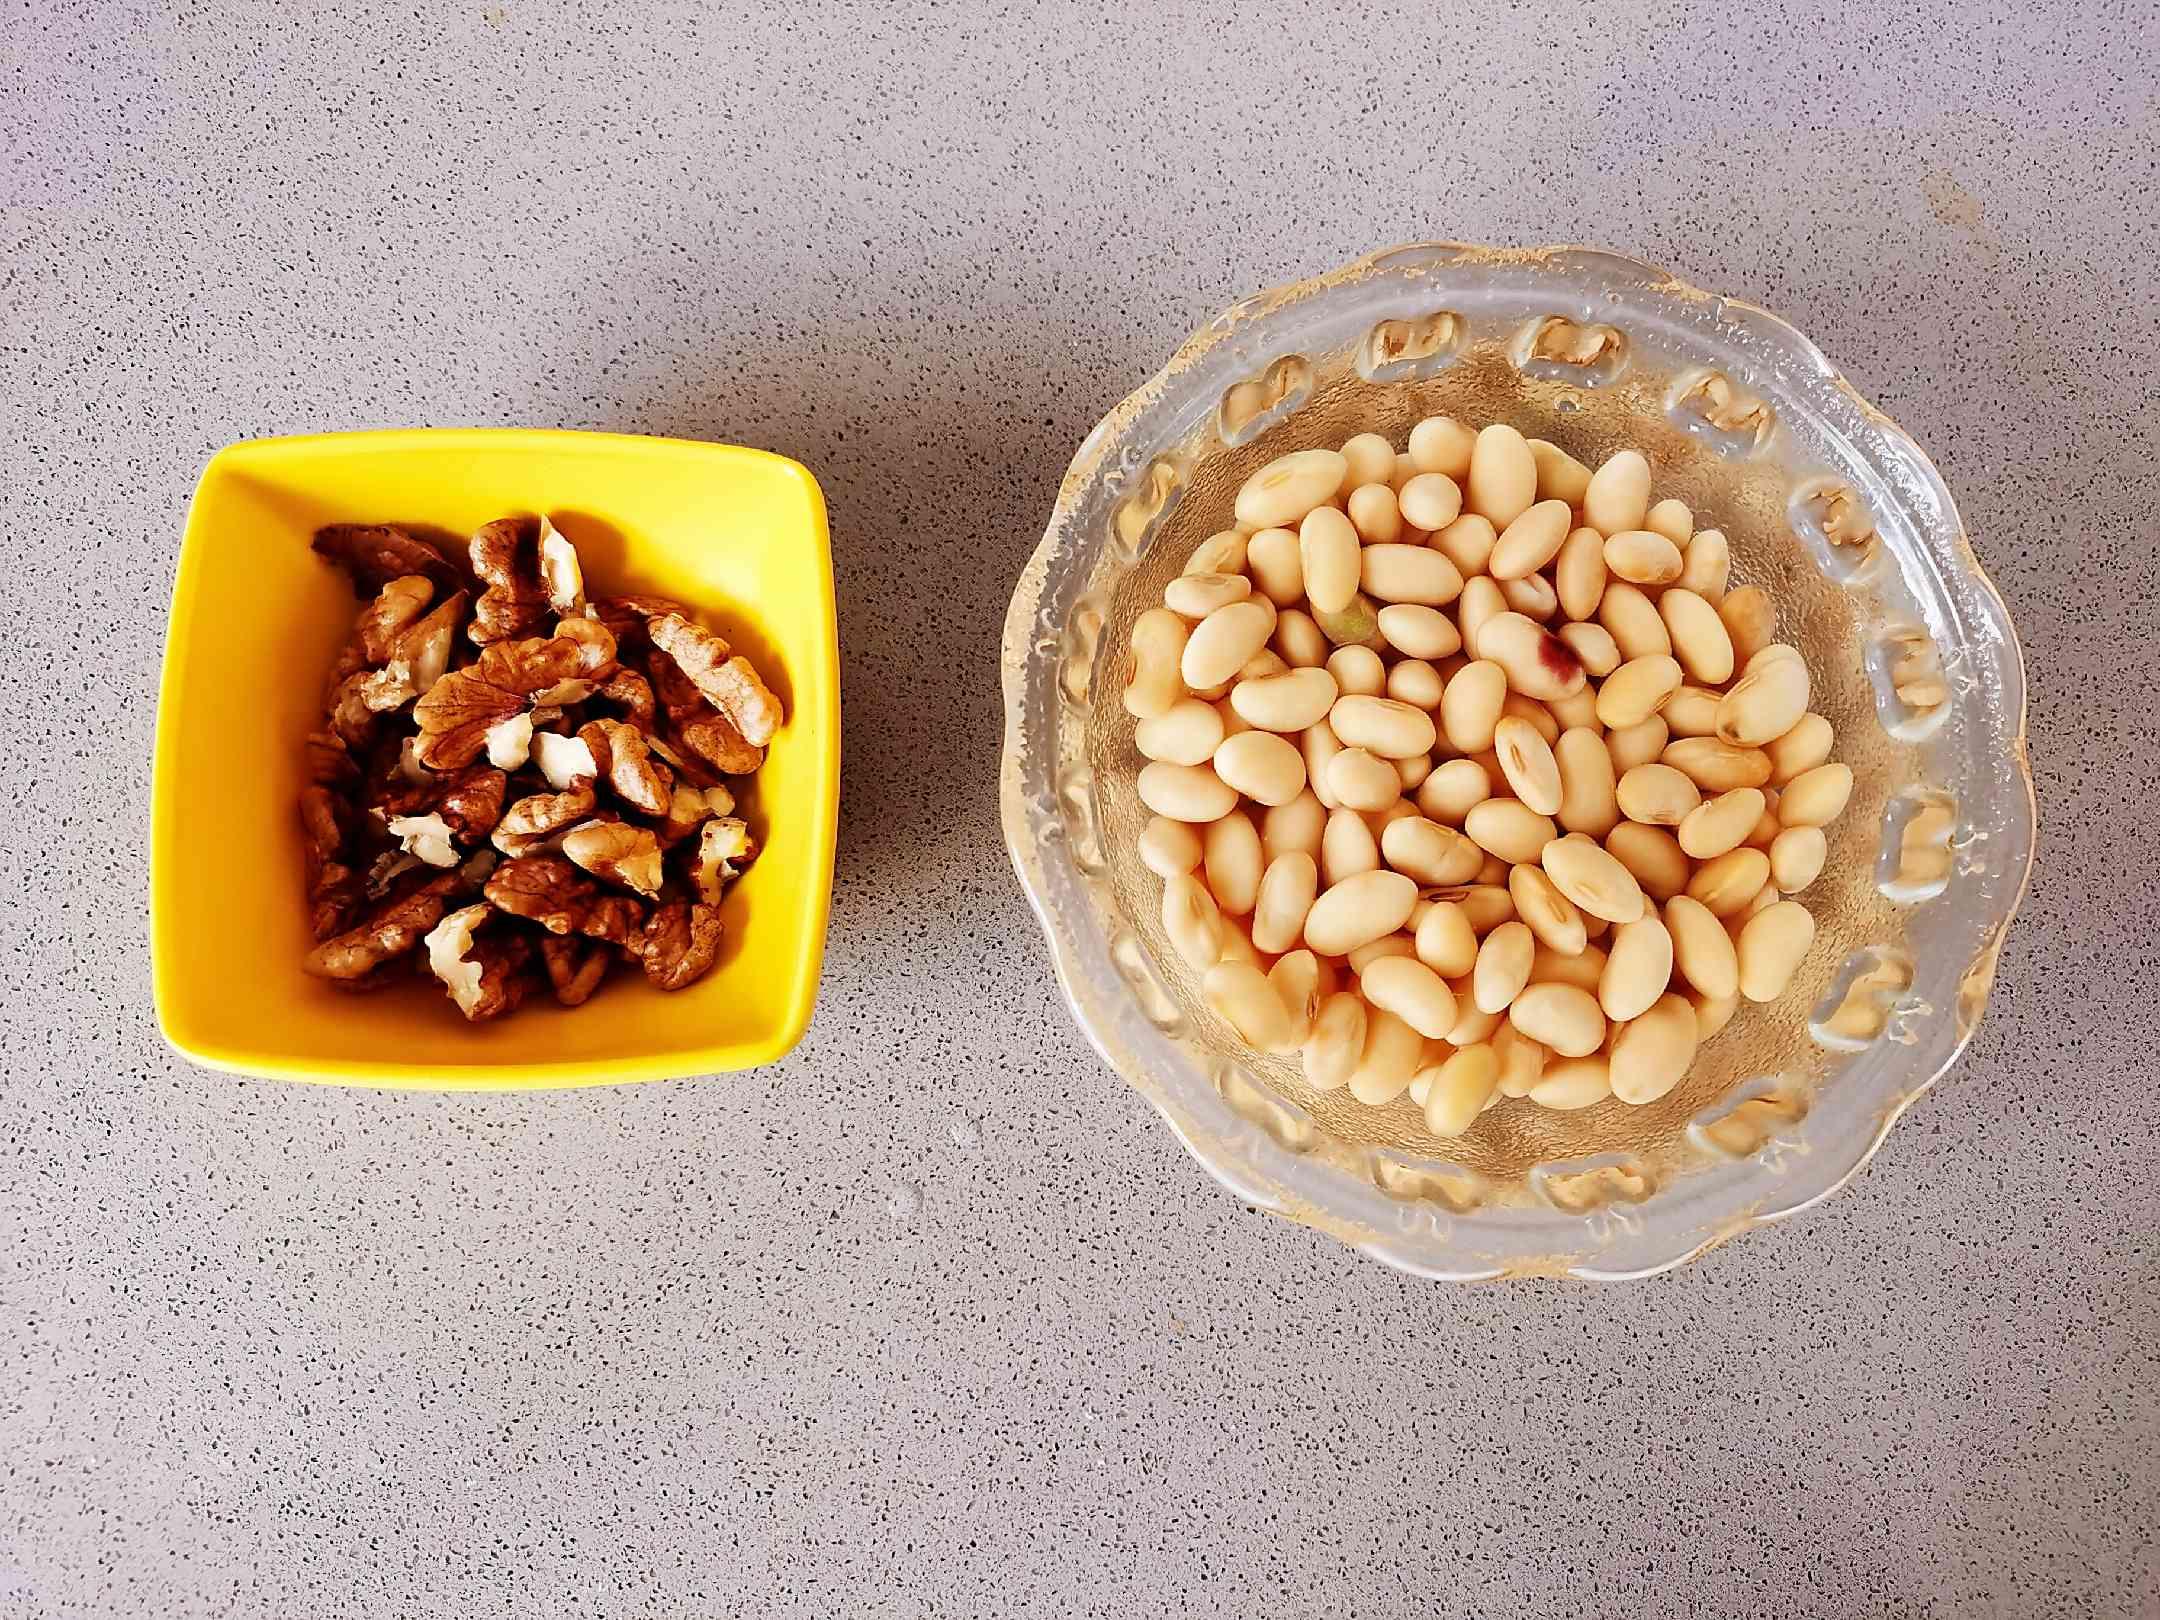 燕麦核桃米浆的做法图解